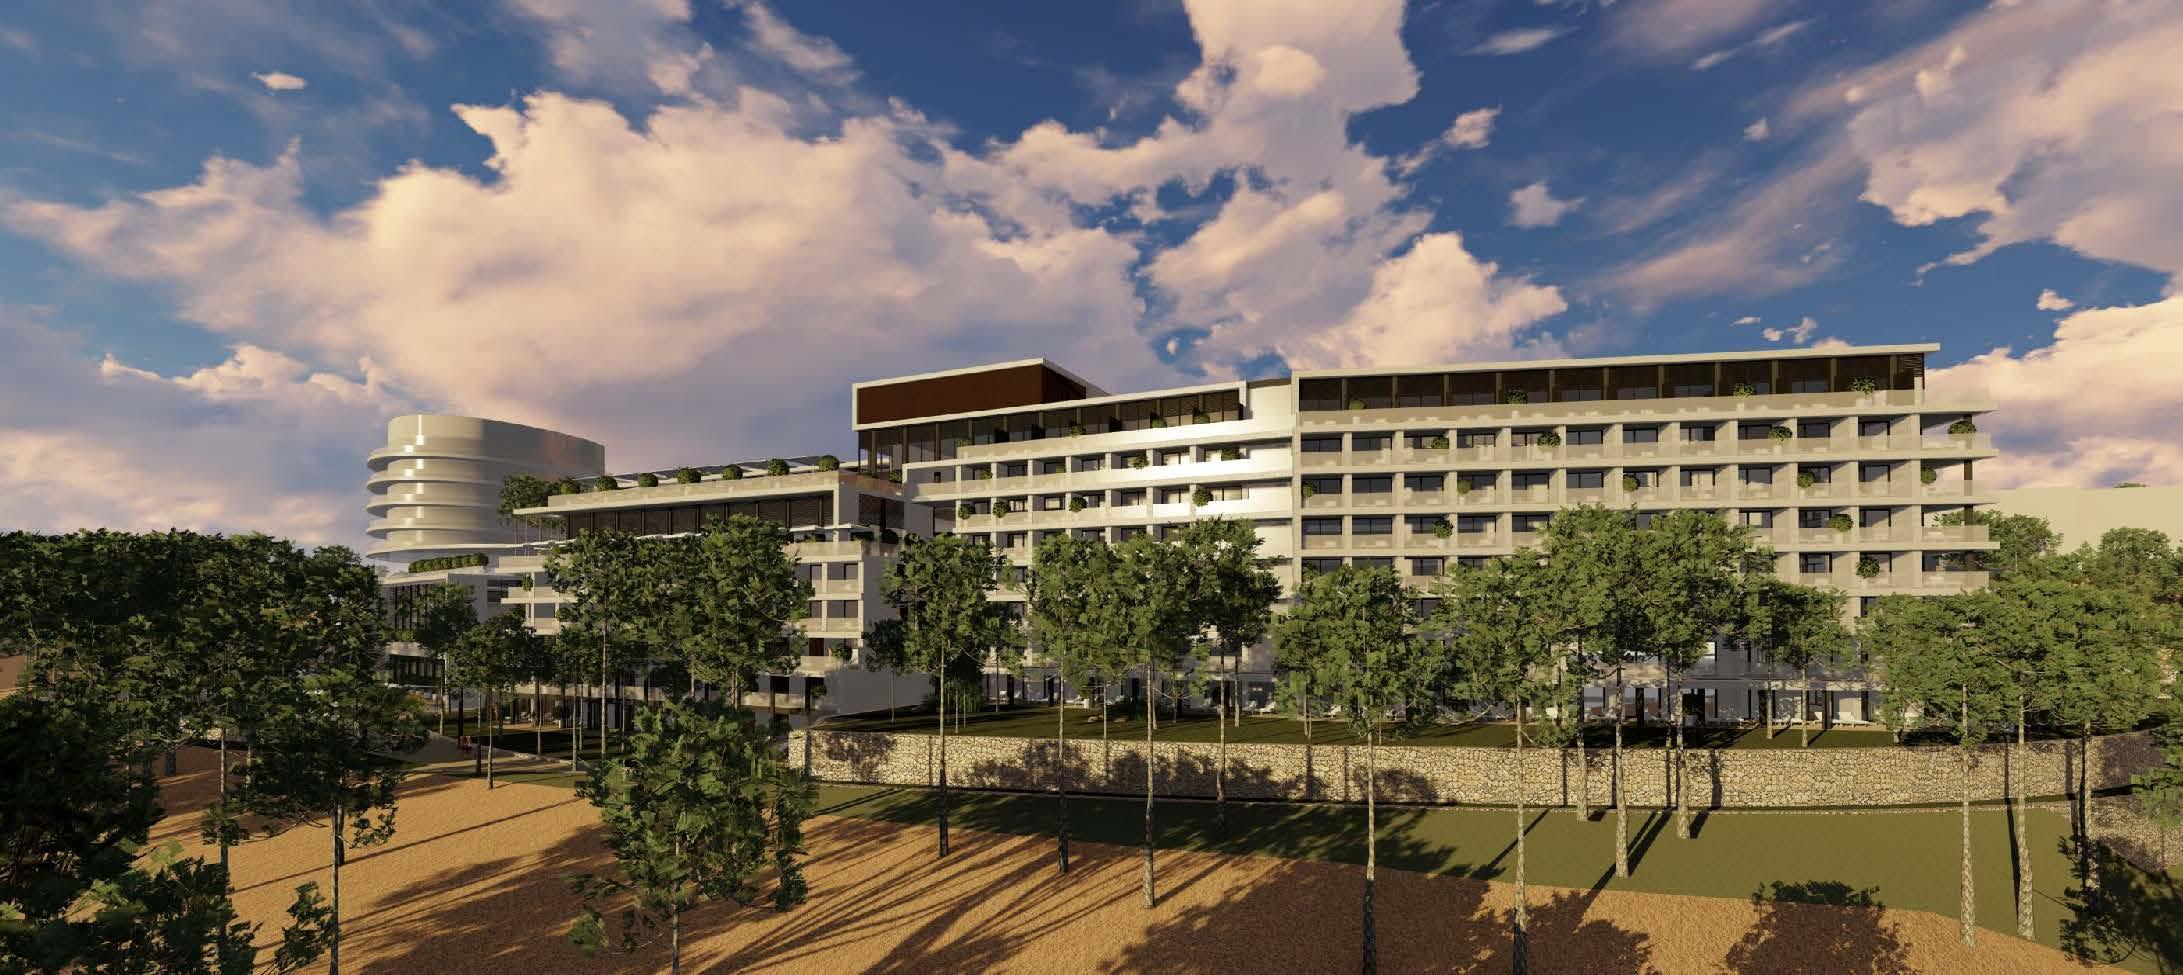 מותג היוקרה Pullman של רשת מלונות ACCOR יפתח לראשונה מלון בישראל